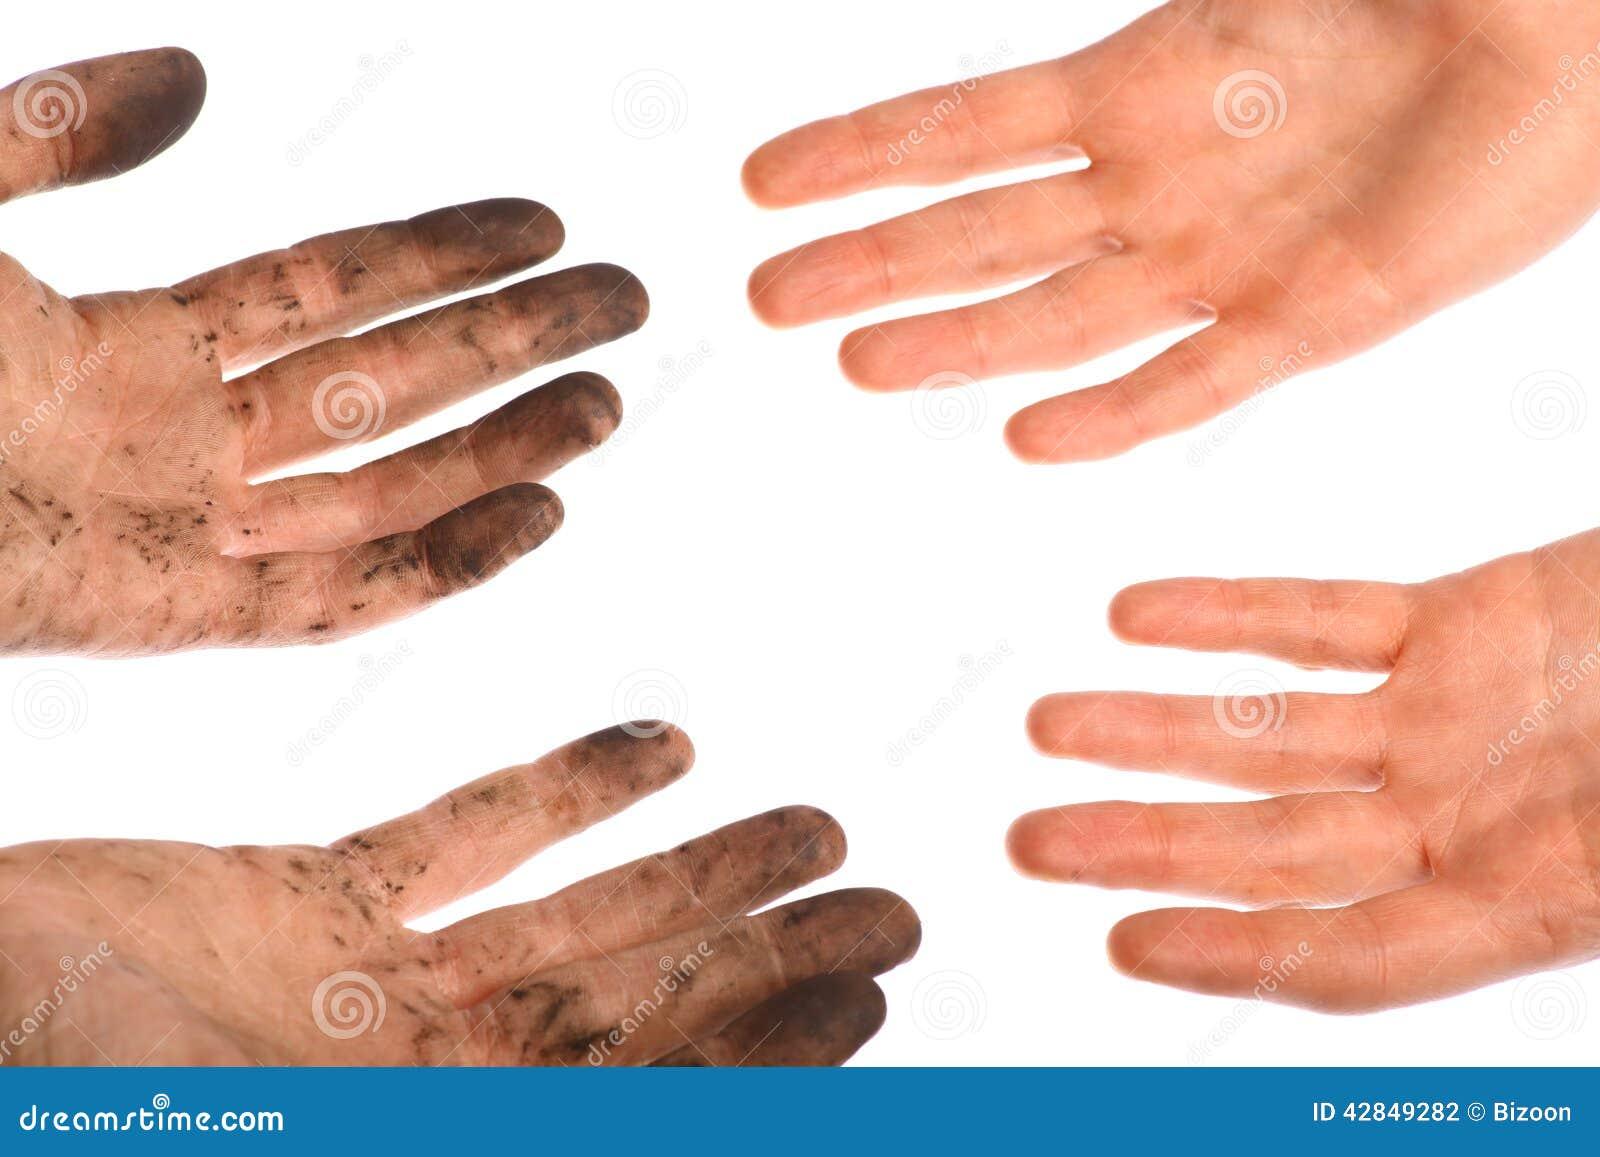 Во сне грязь под ногтями у мужчины